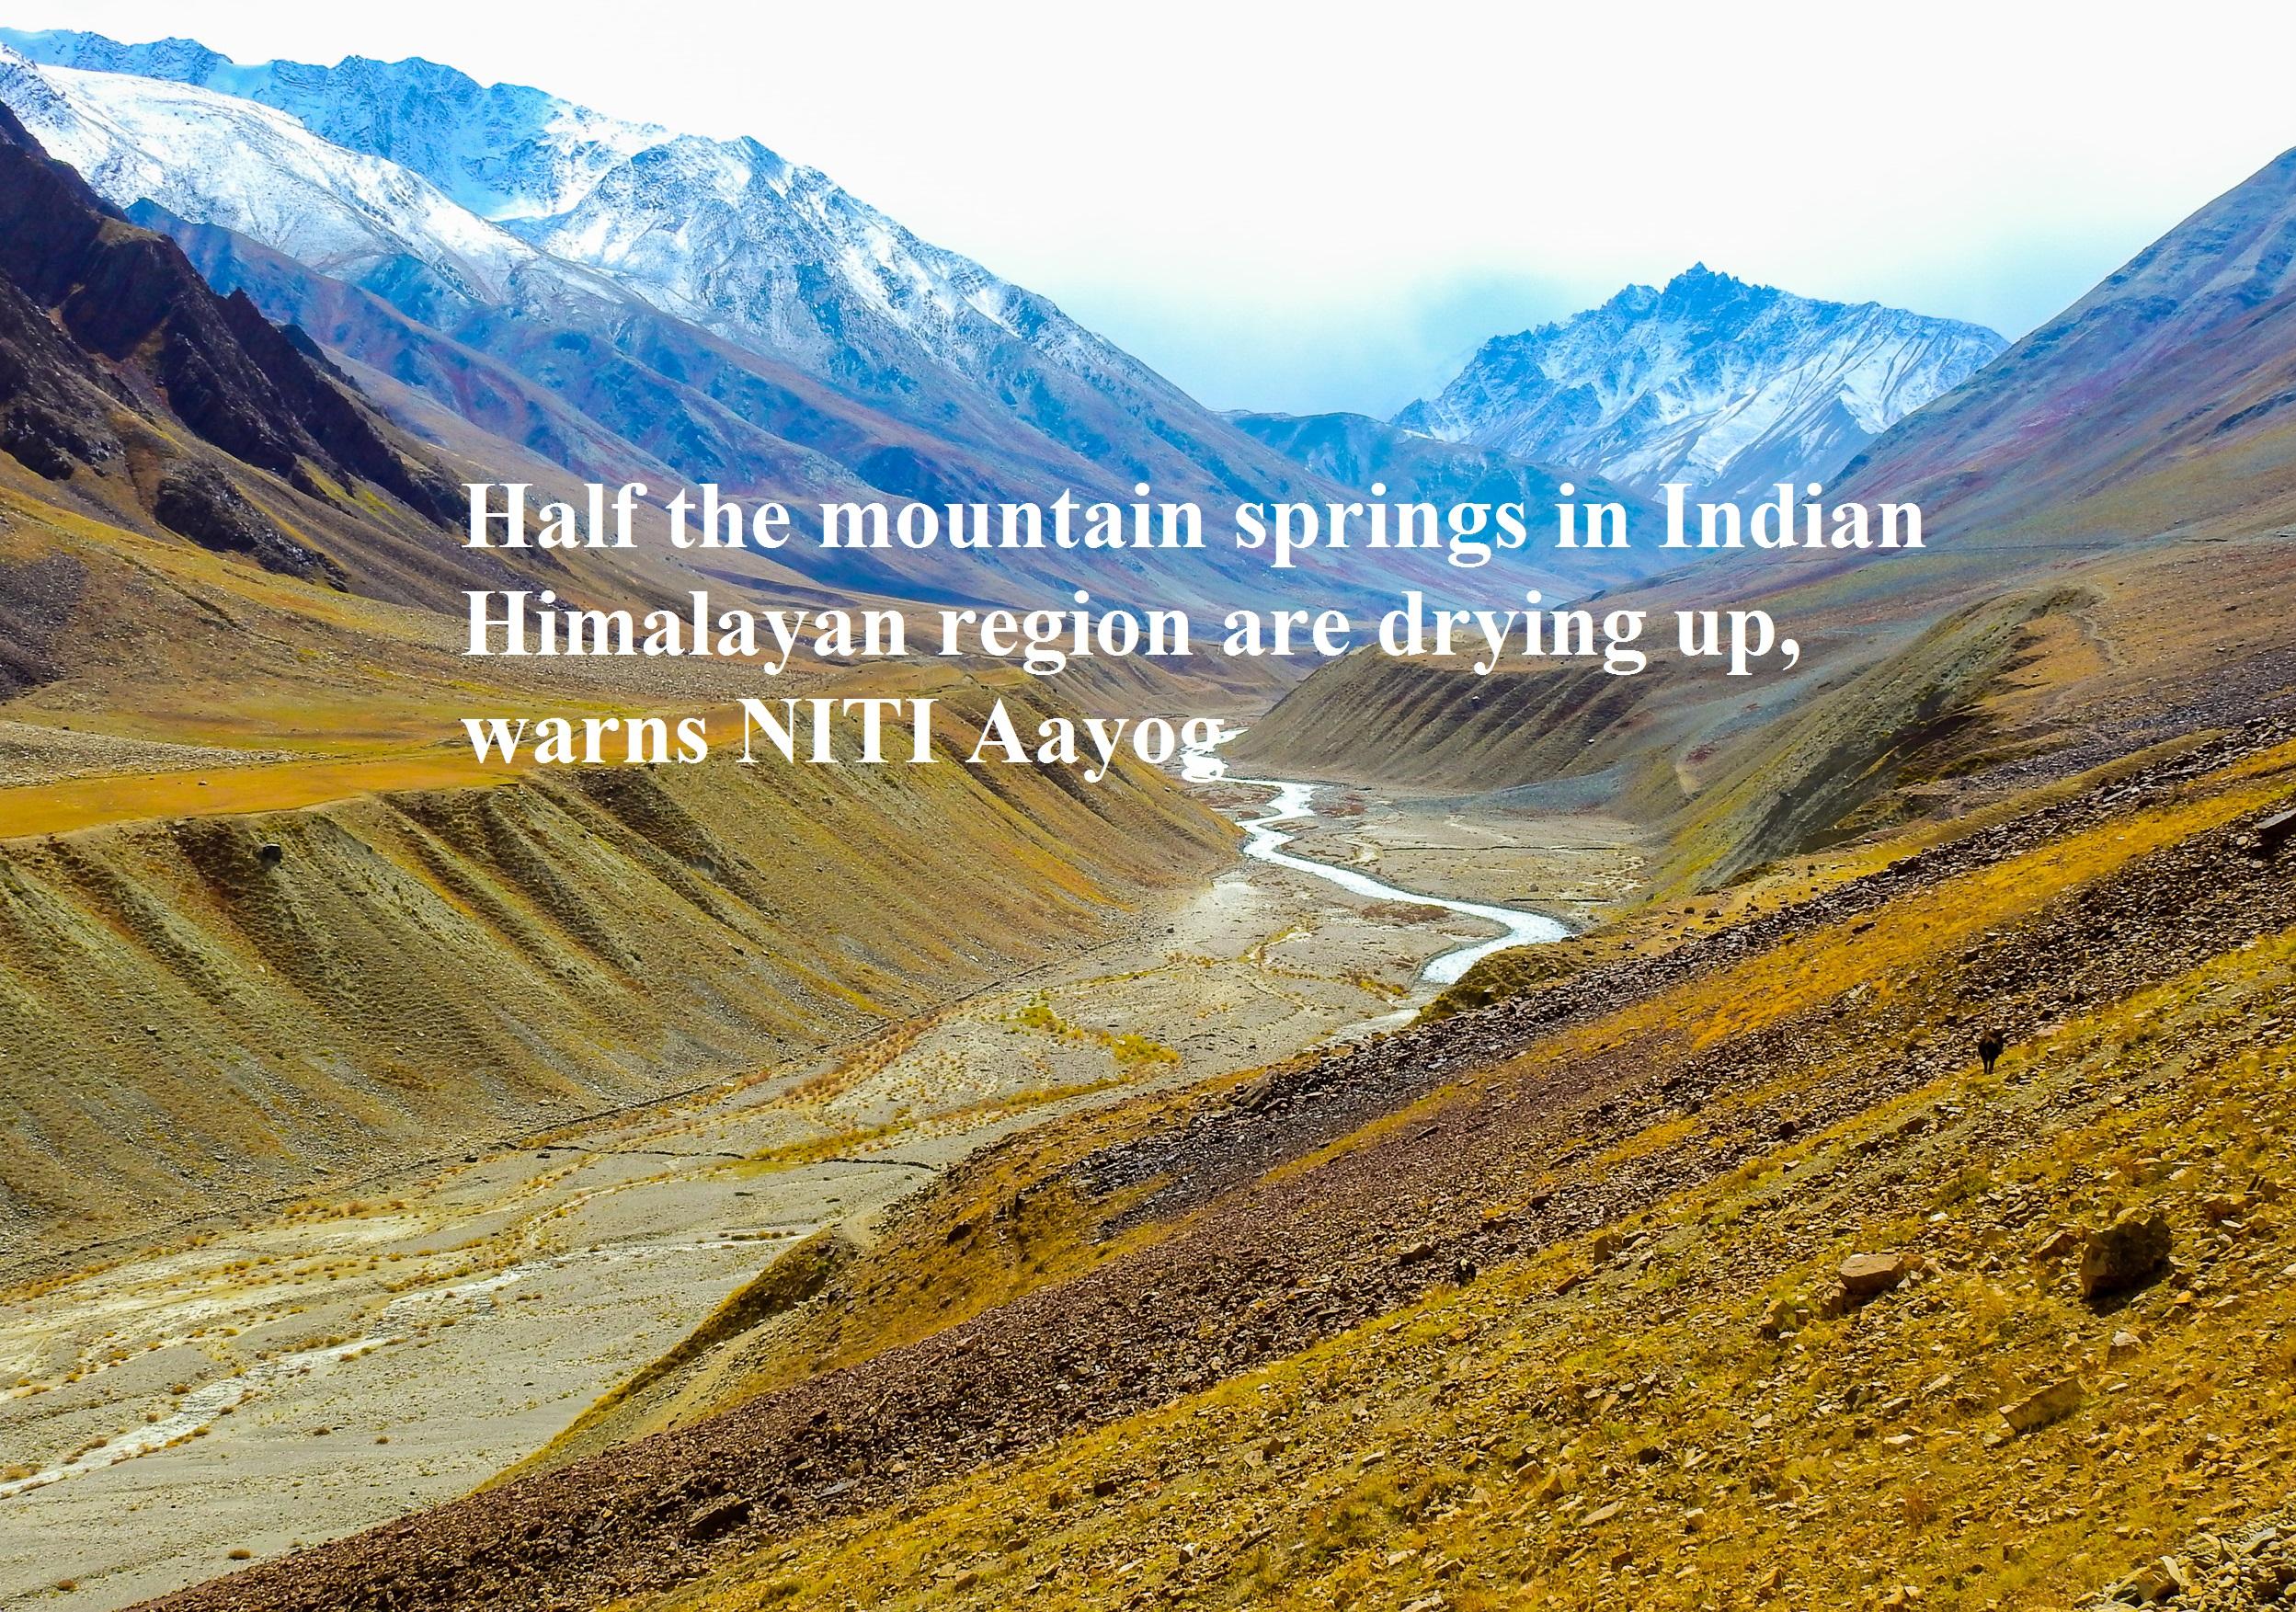 ias-coaching-centres-bangalore-hyderabad-pragnya-ias-academy-current-affairs-mountain-himalayan-NITI